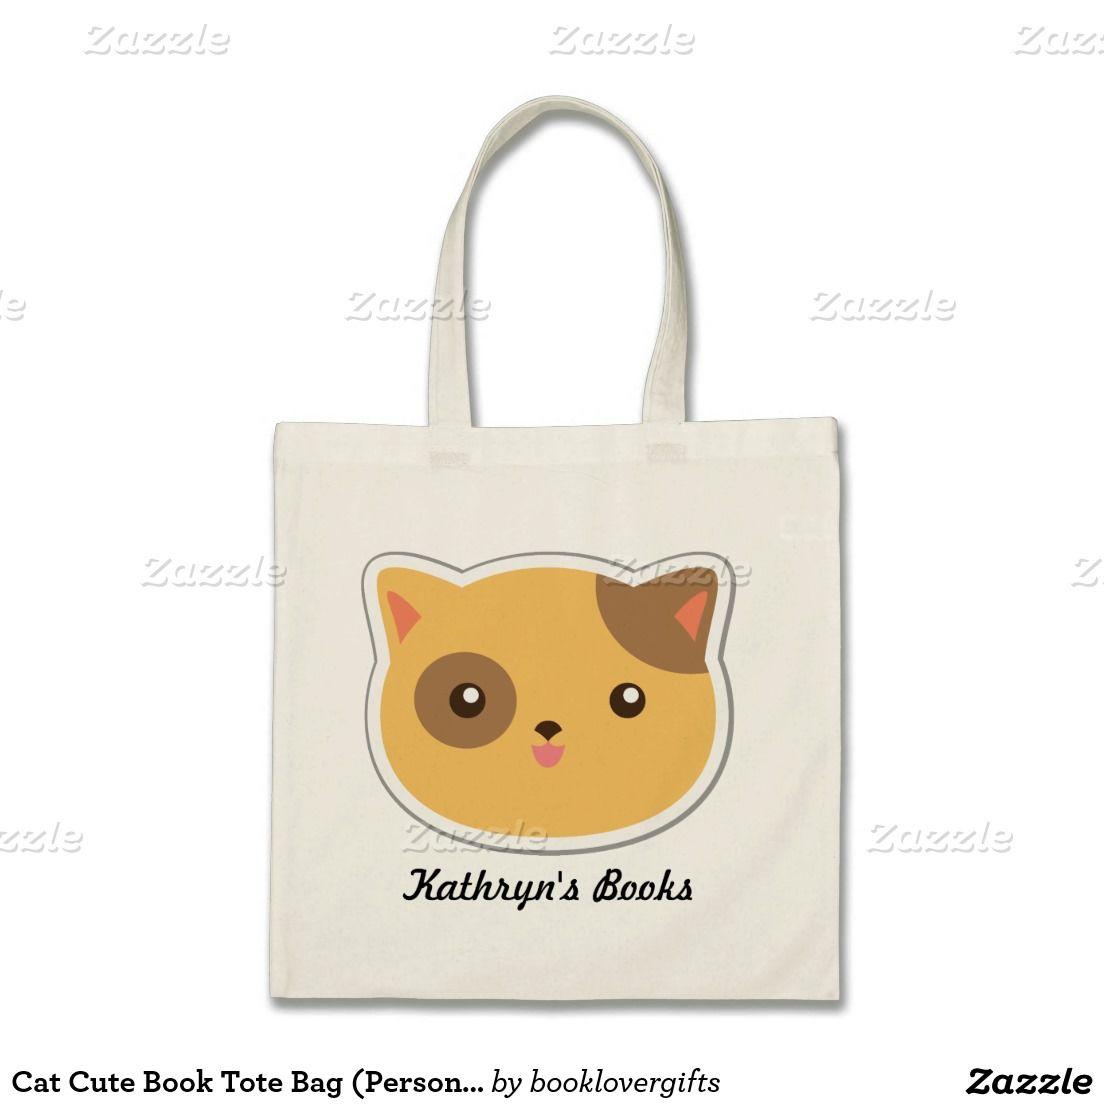 Cat Cute Book Tote Bag (Personalized)